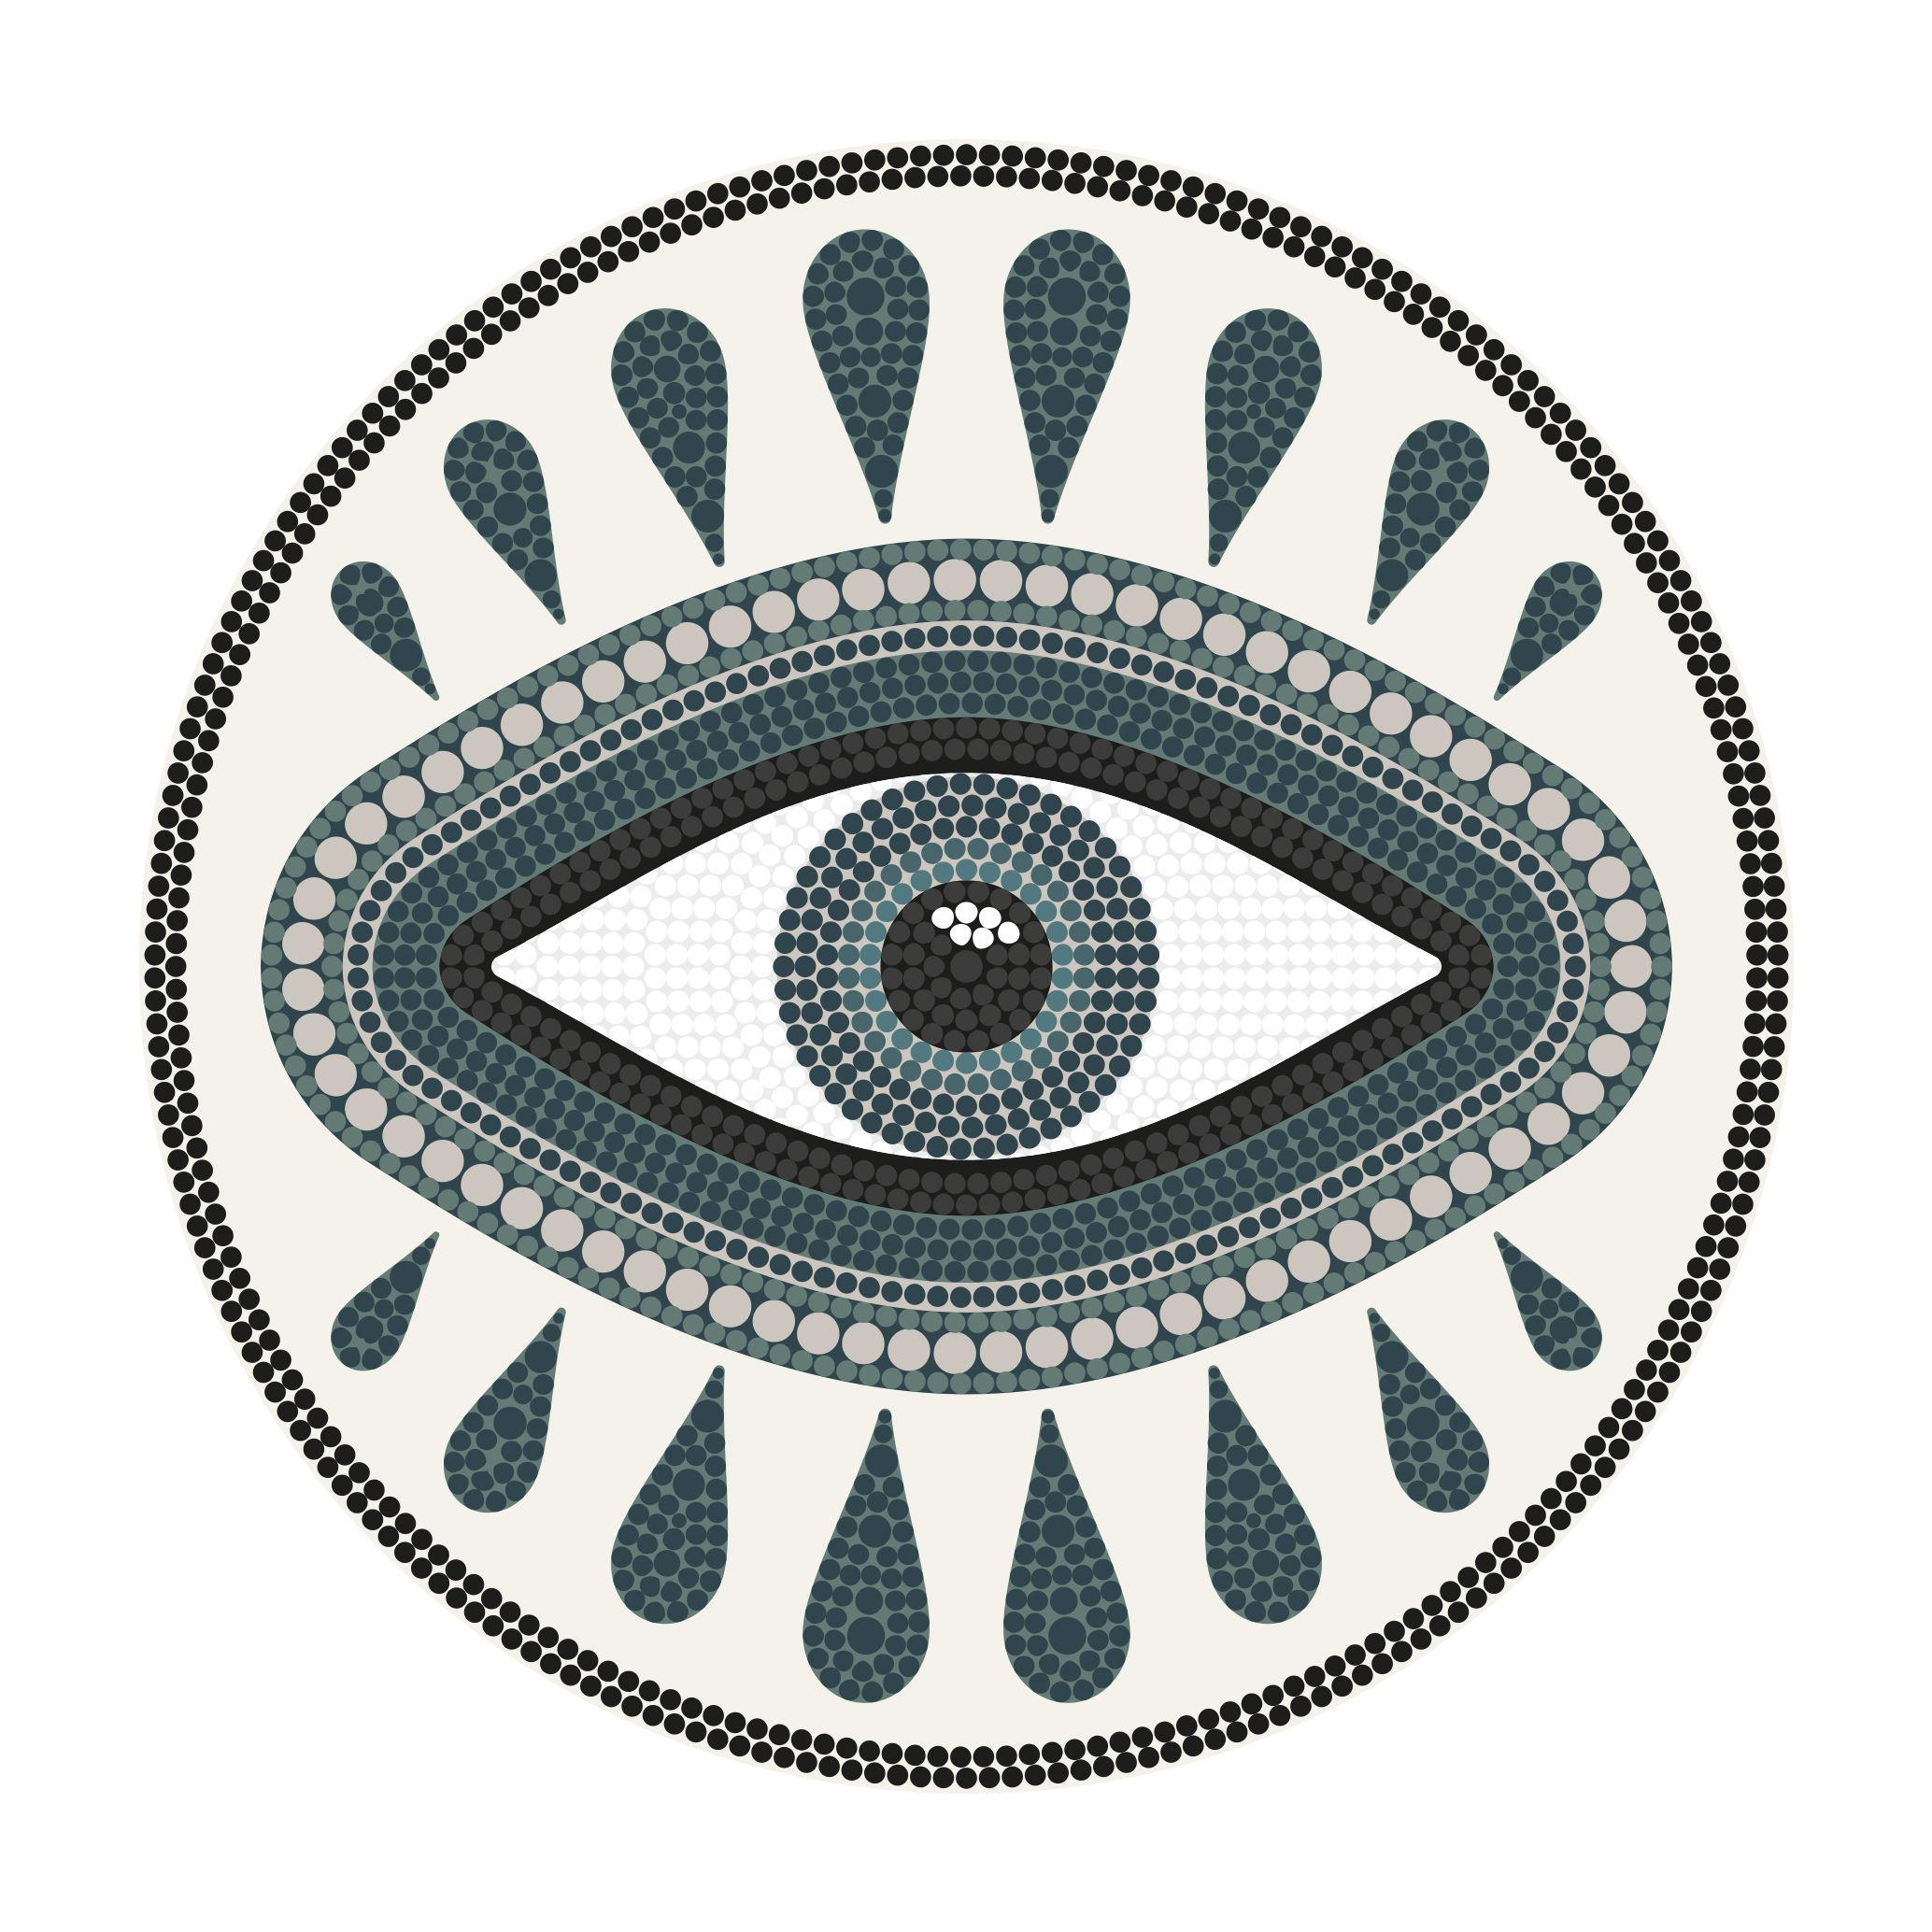 Outdoor - Déco et accessoires - Tapis Œil our œil / Ø 145 cm - Vinyle - PÔDEVACHE - Œil / Bleu - Vinyle